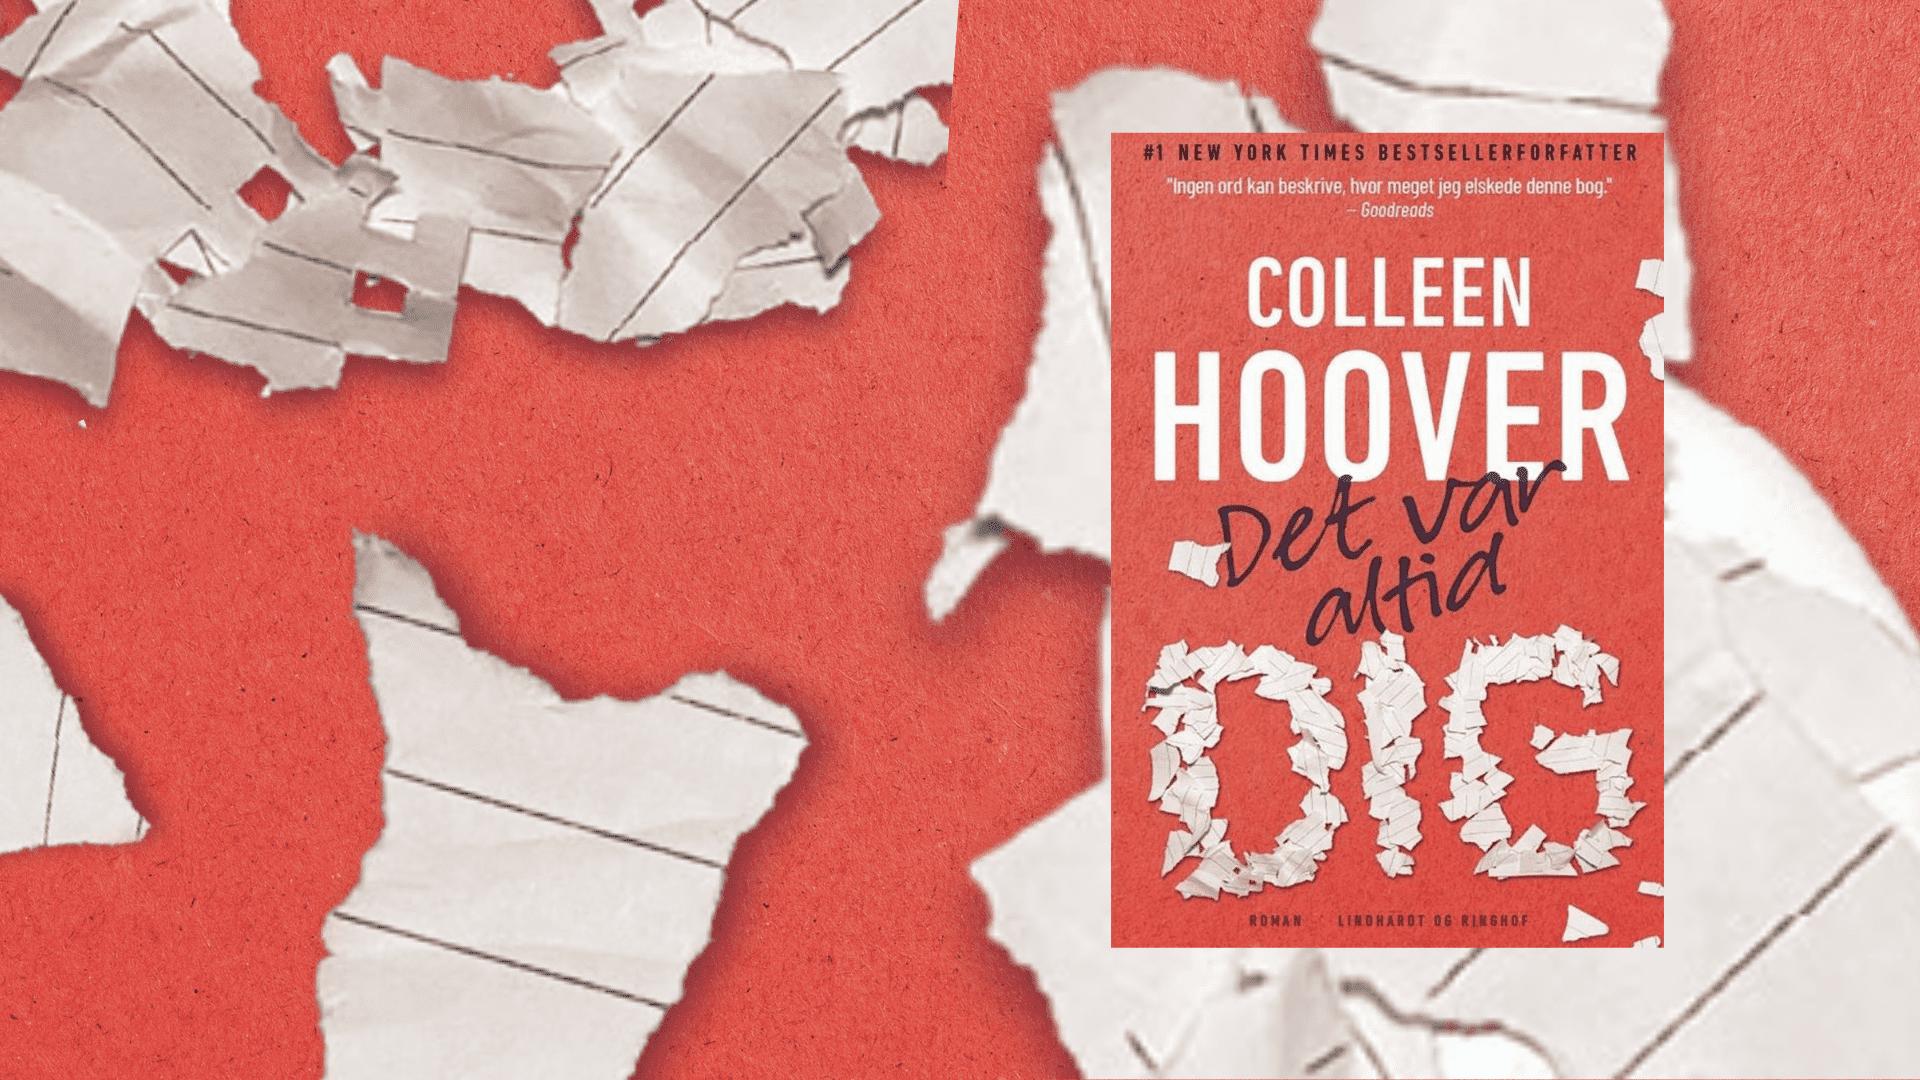 Det var altid dig, Colleen Hoover